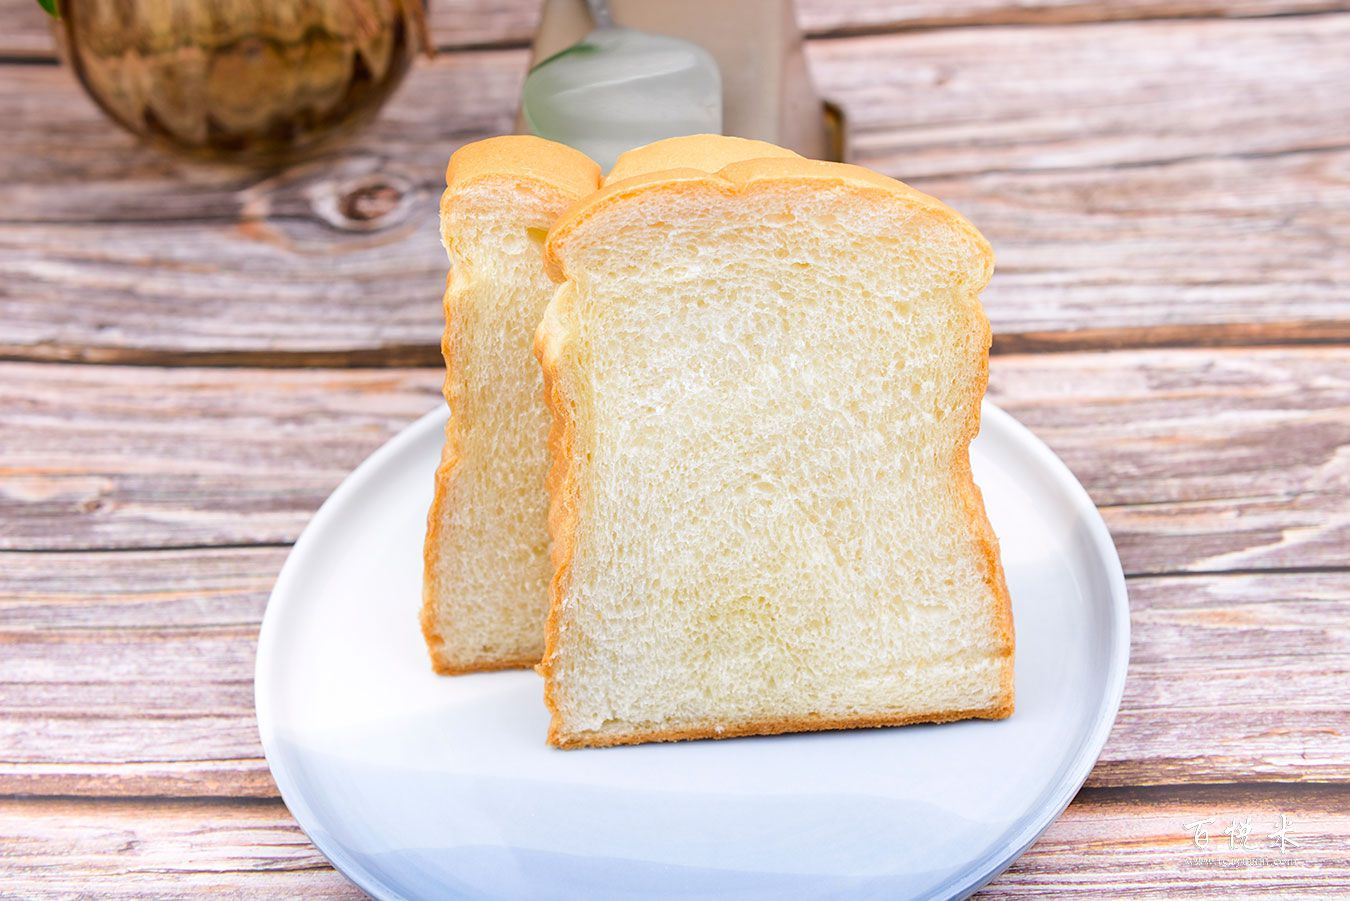 老面吐司面包高清图片大全【蛋糕图片】_431